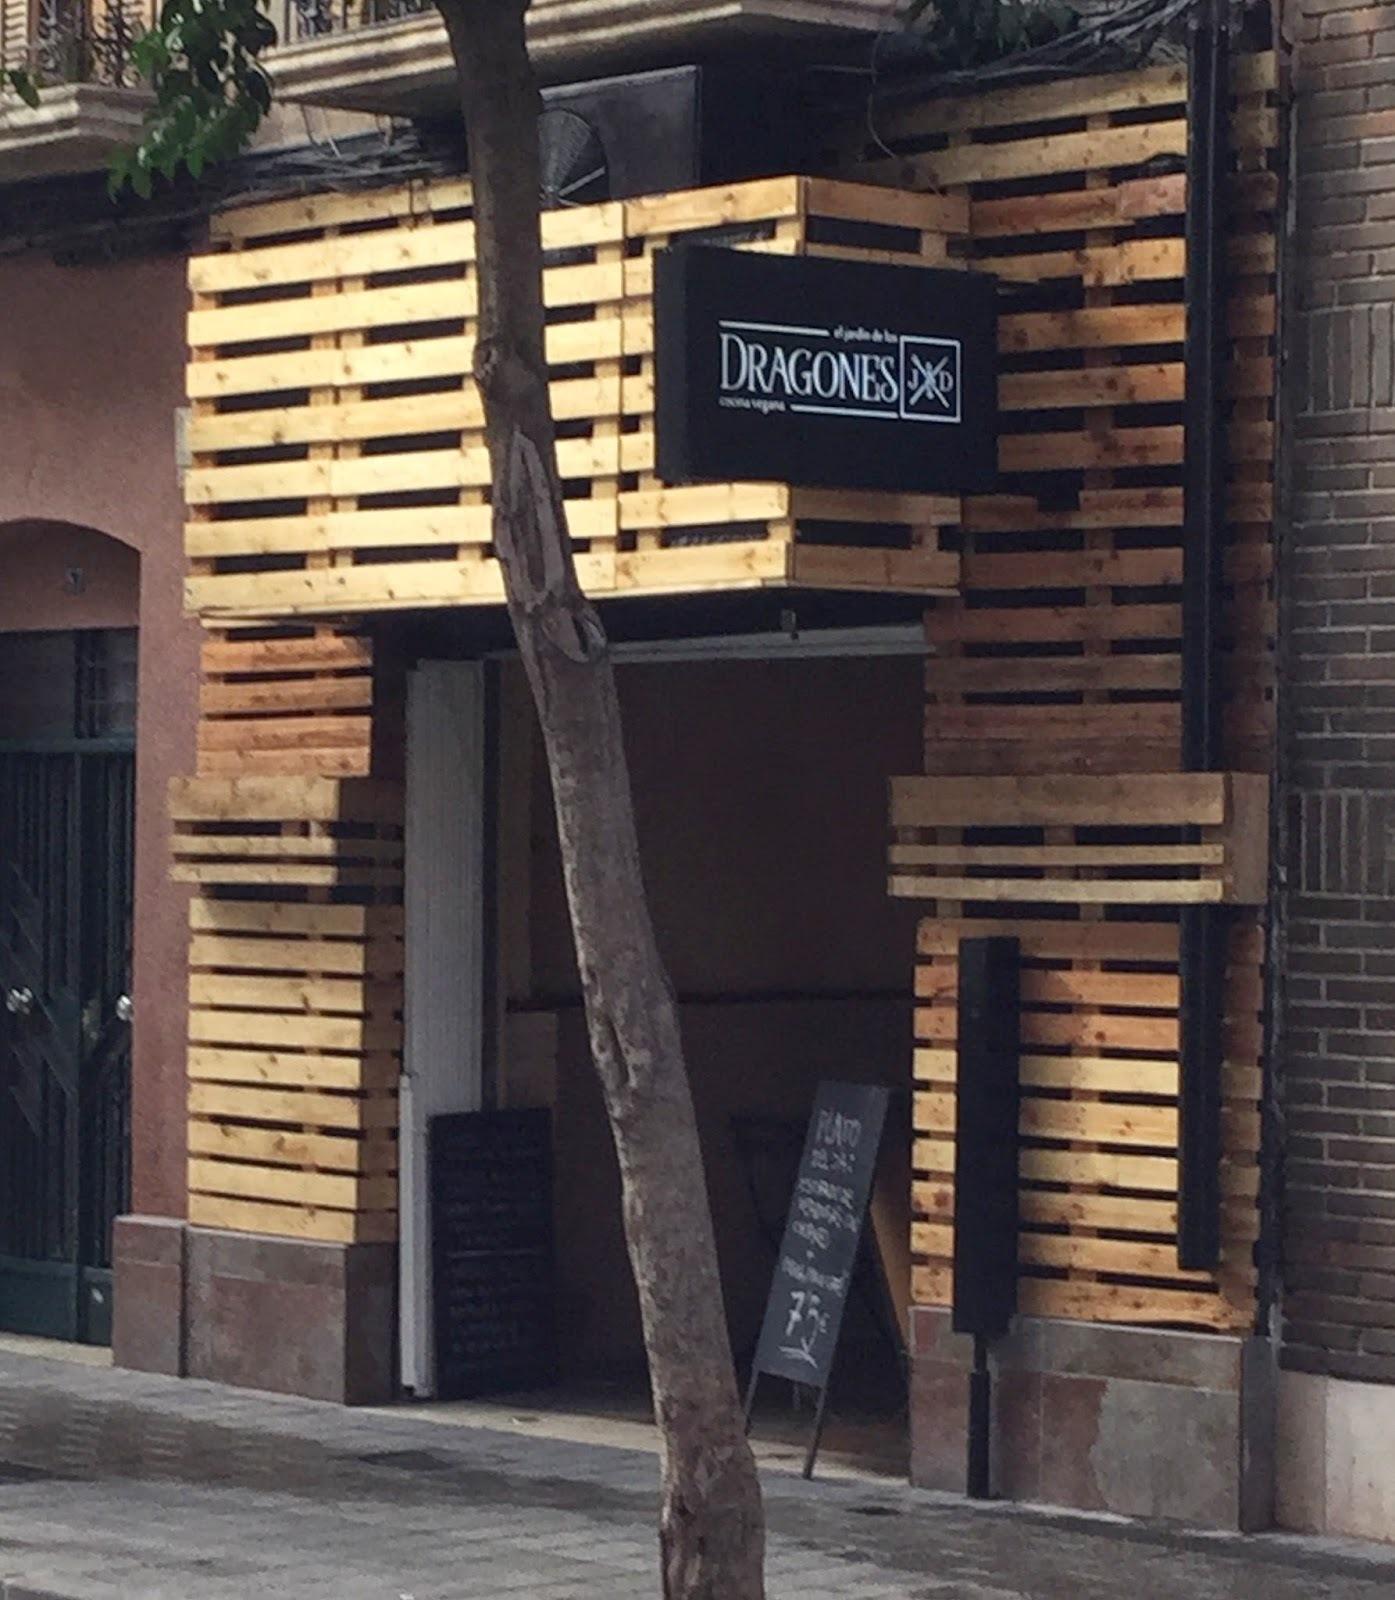 El jardín de los dragones, restaurante vegano en Murcia